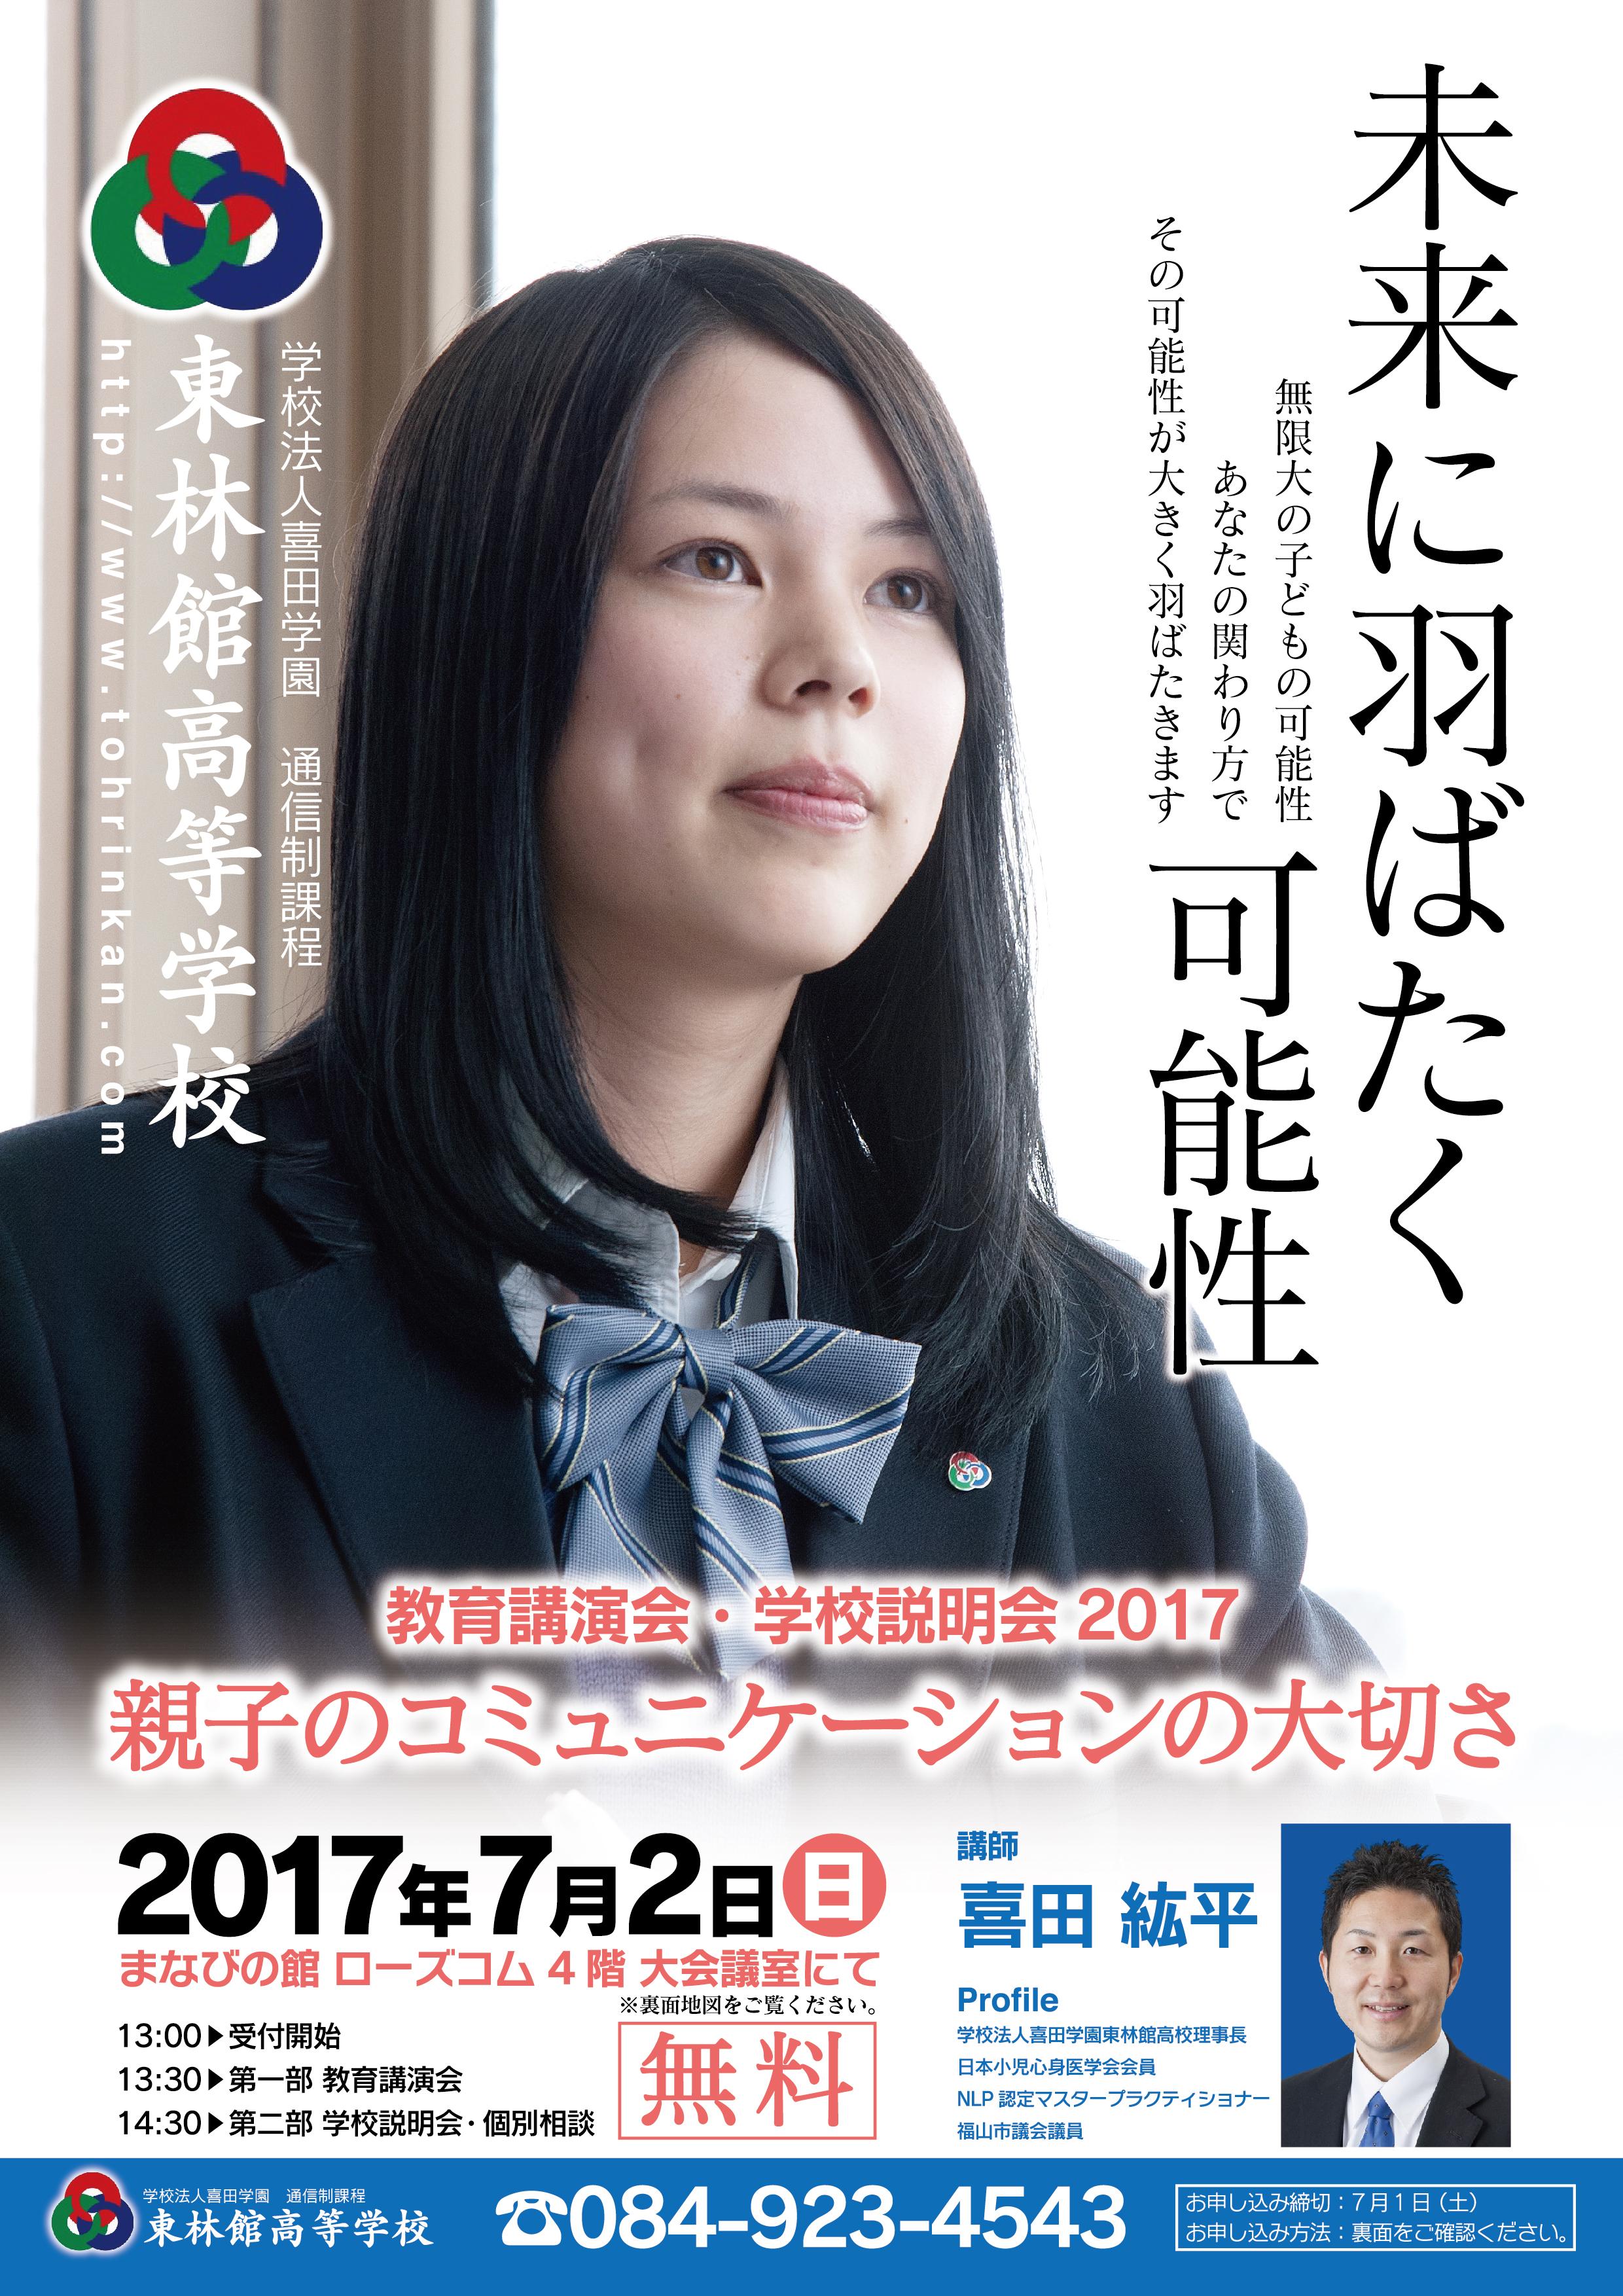 2017学校説明会(表)